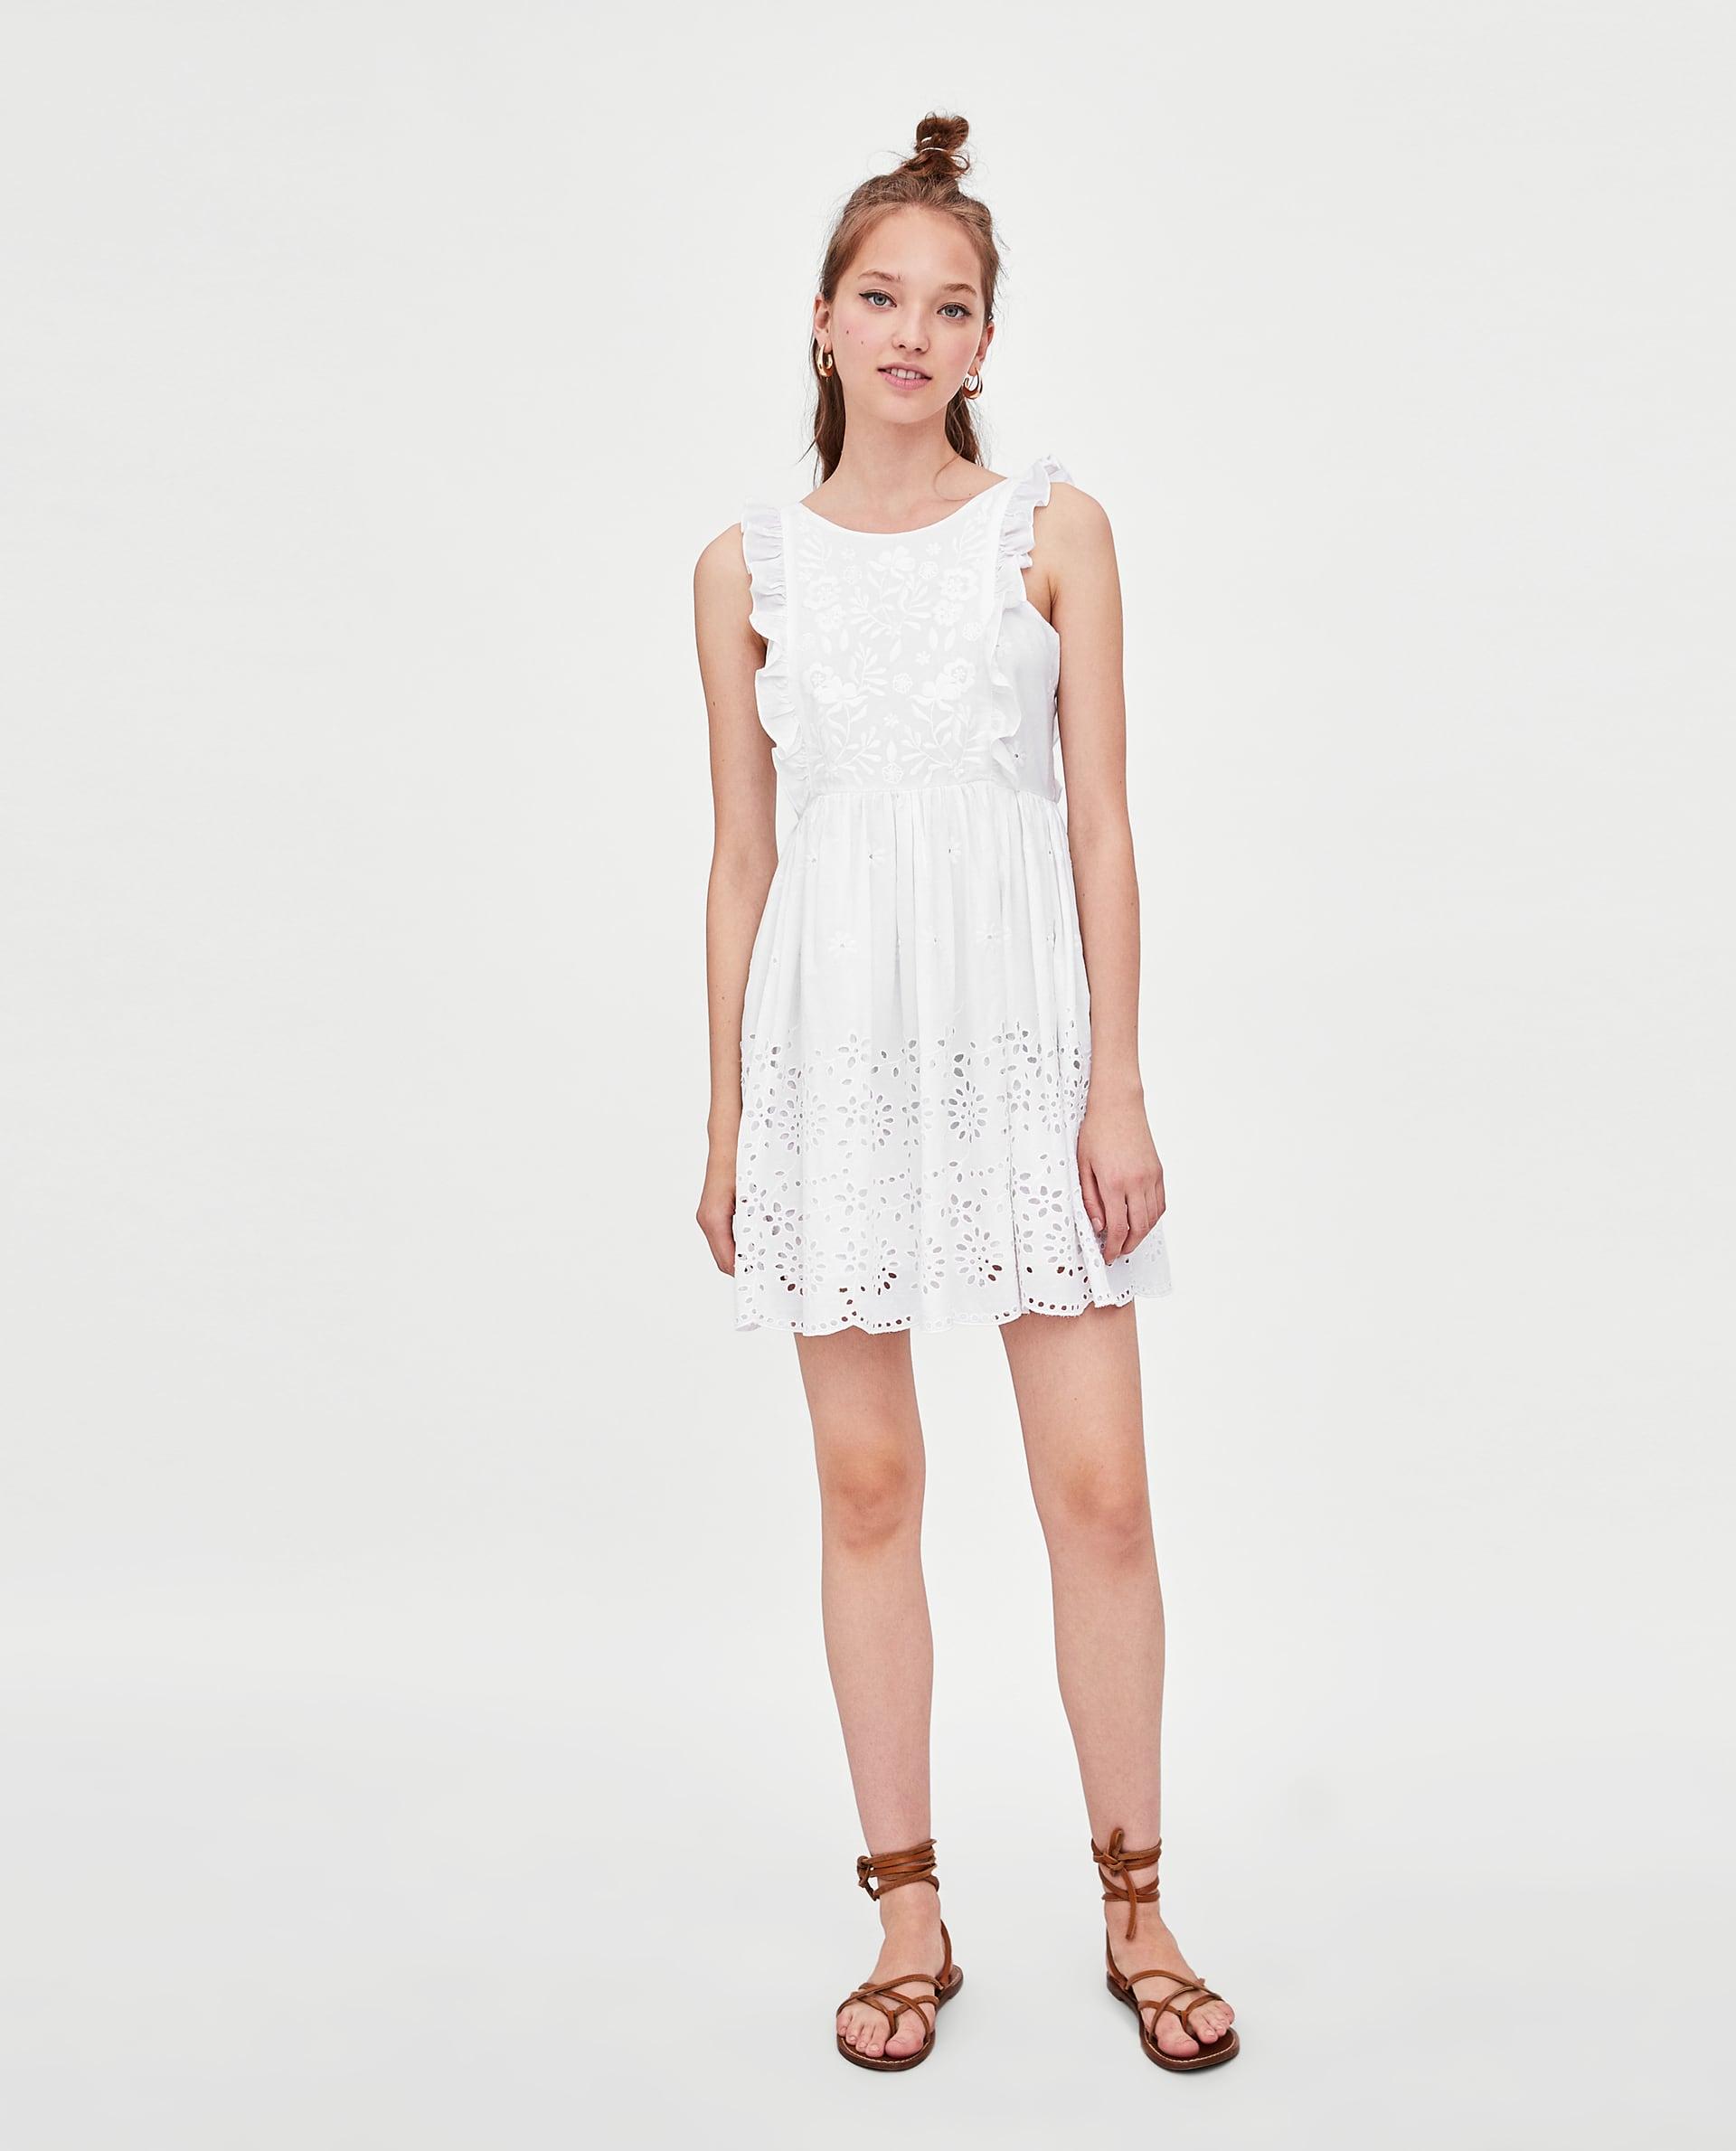 da260f69e8ca ZARA: 10+1 λευκά φορέματα για το καλοκαίρι   Economy 365